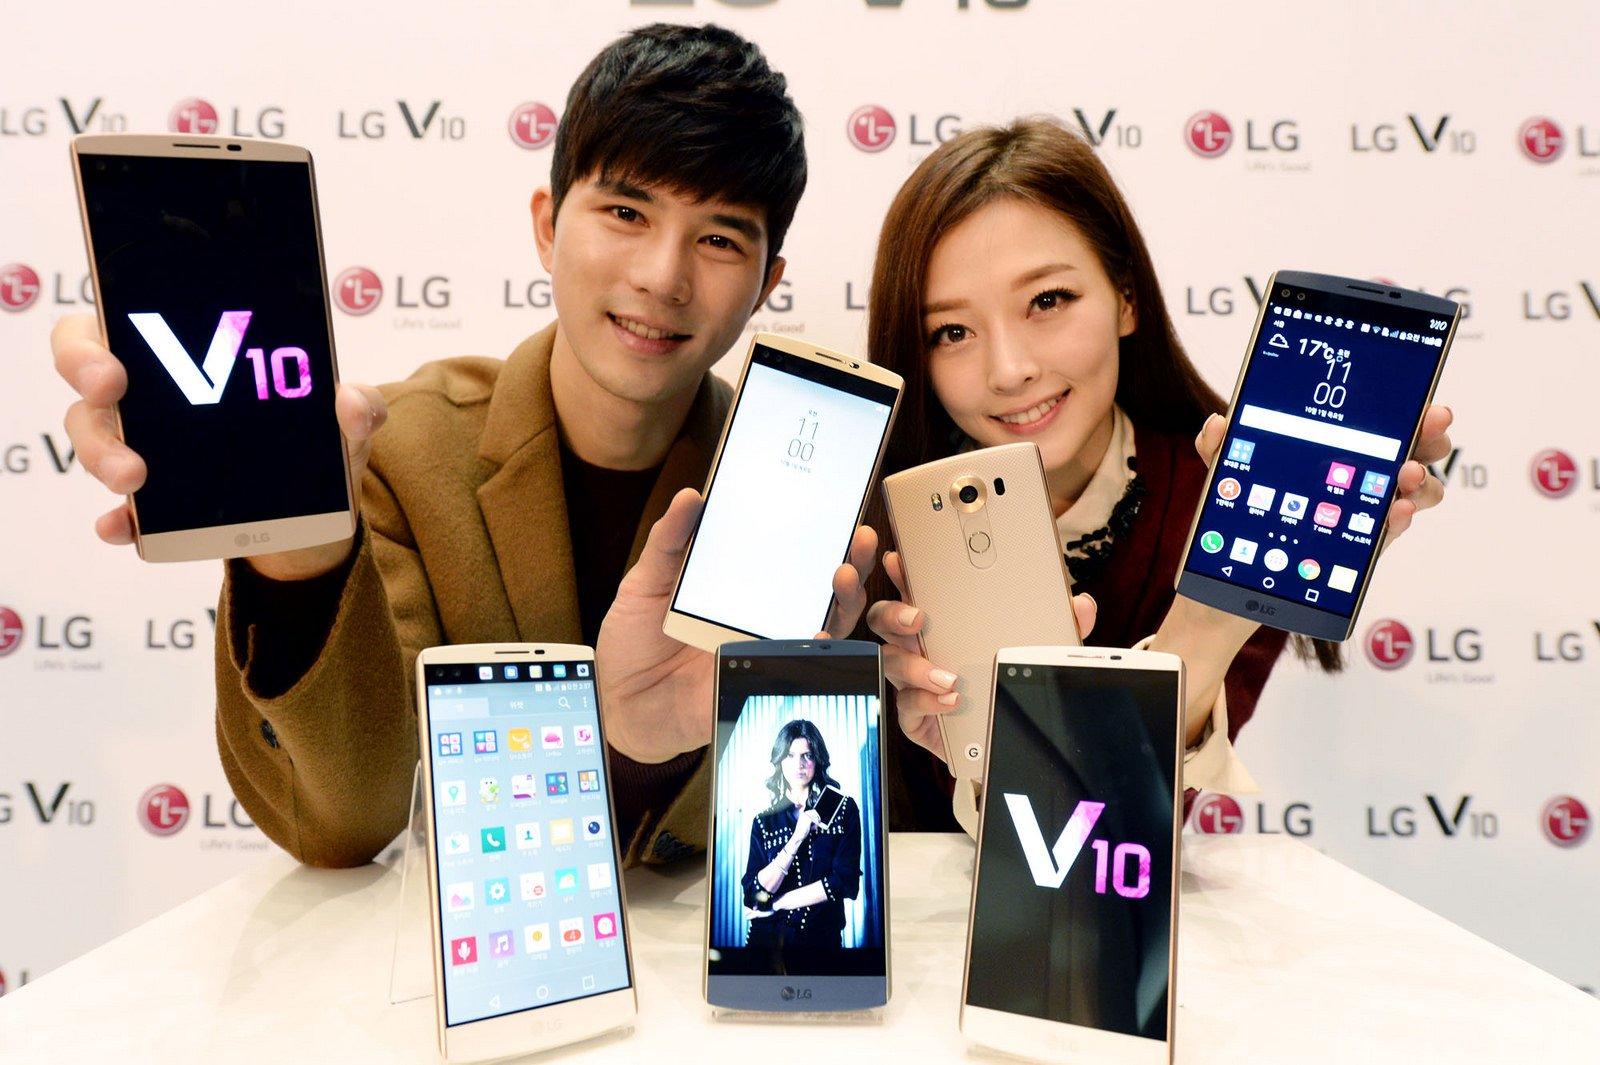 Der Bildschirm des LG V10 ist zweigeteilt: Im oberen kleinen Display kann man zum Beispiel Nachrichten empfangen, ohne die Haupttätigkeit auf dem großen Display zu unterbrechen.